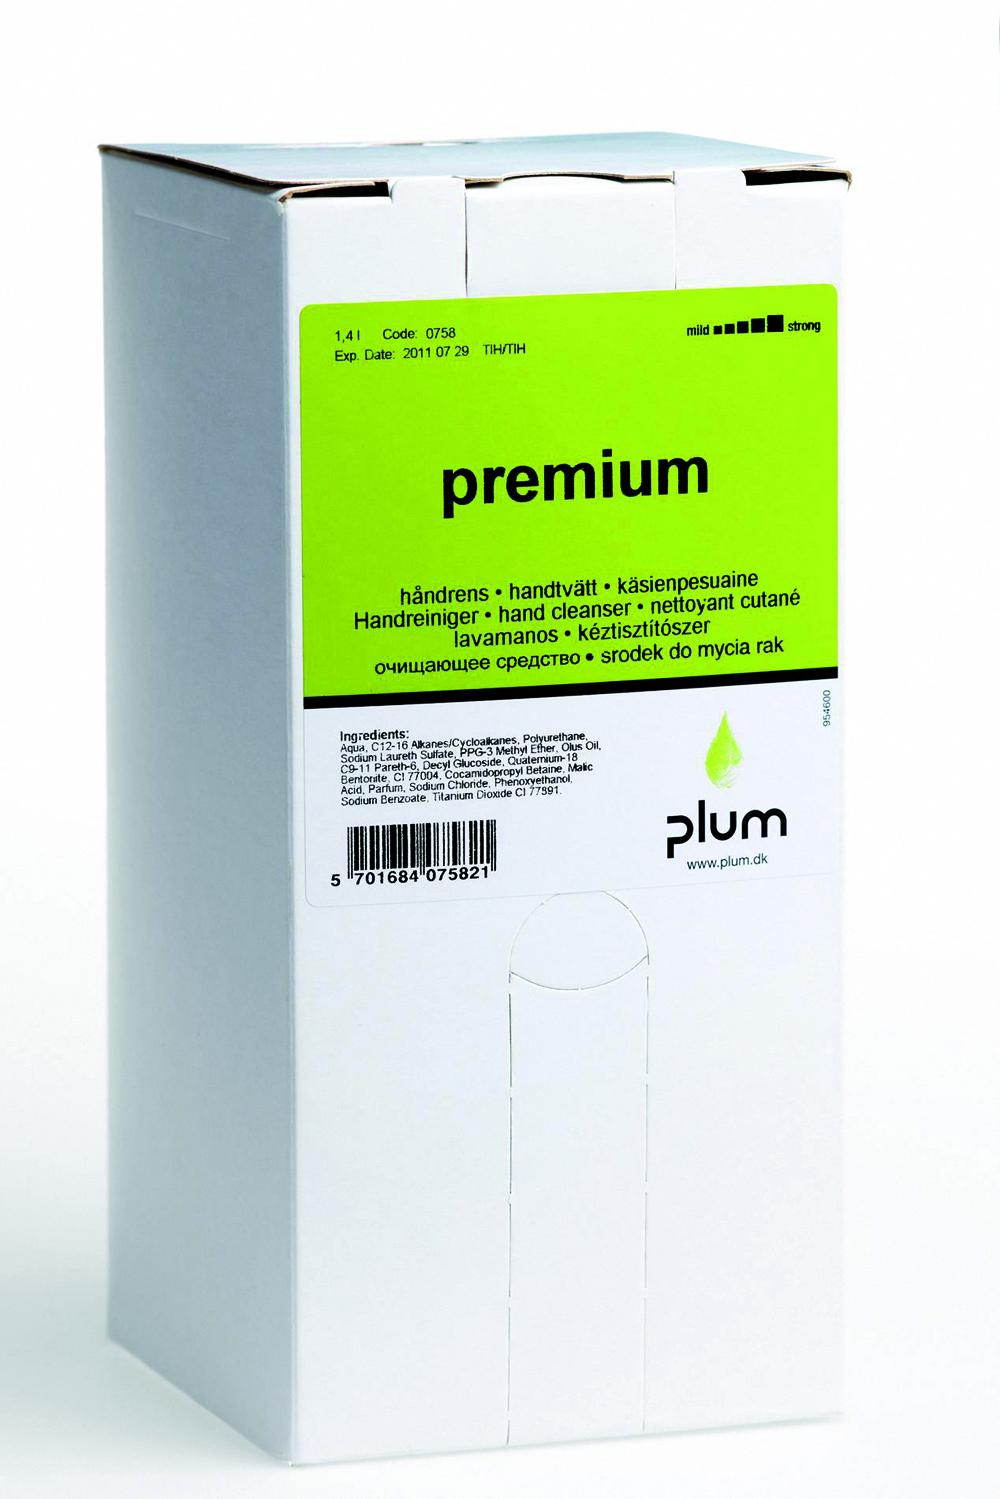 Plum Premium